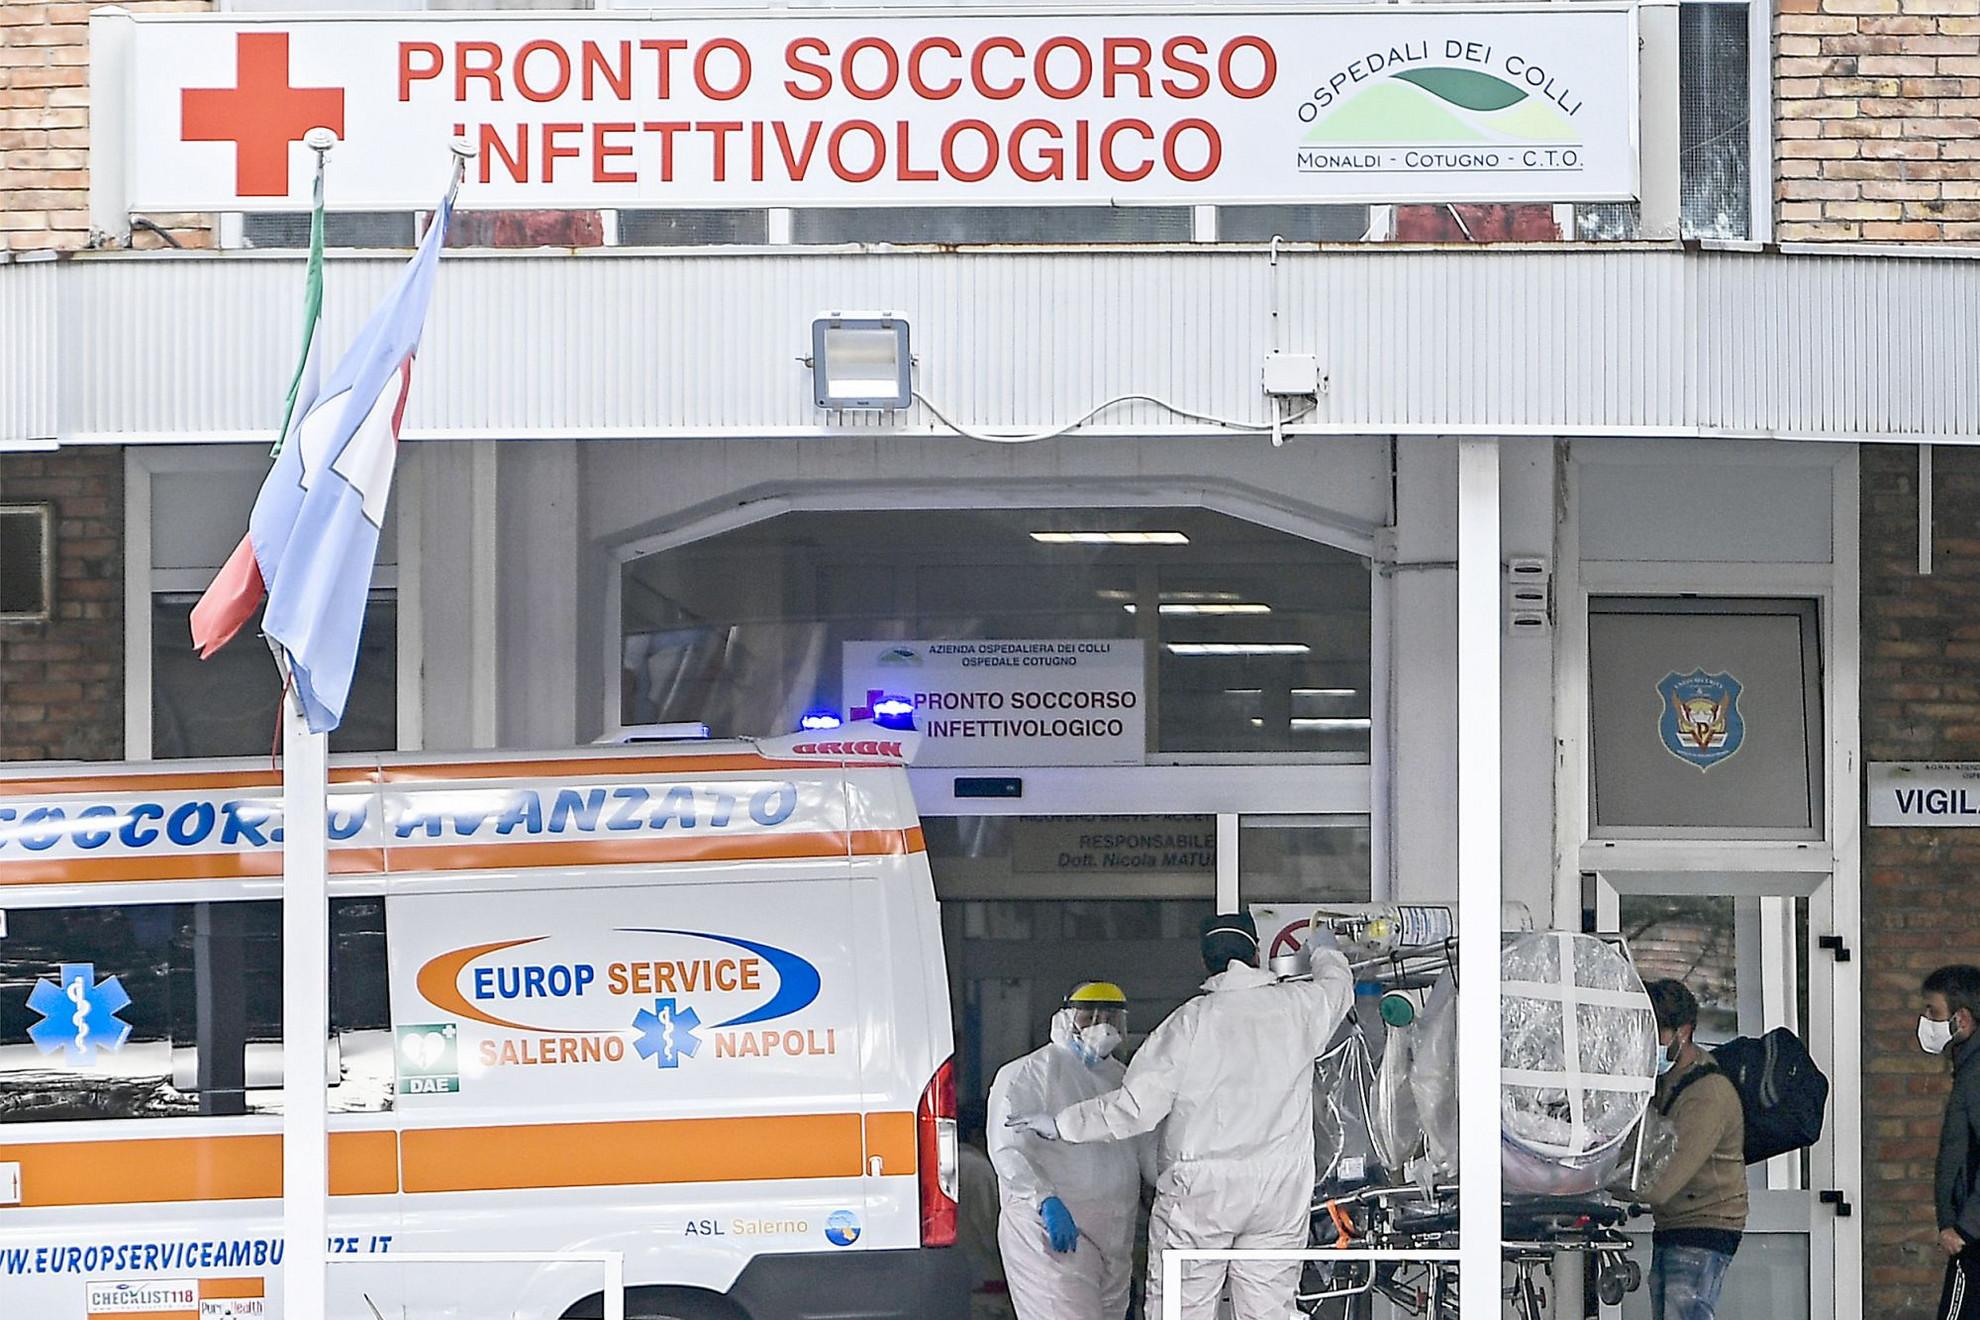 Intenzív terápiára szoruló koronavírusos beteg érkezik a nápolyi Cotugno kórházba